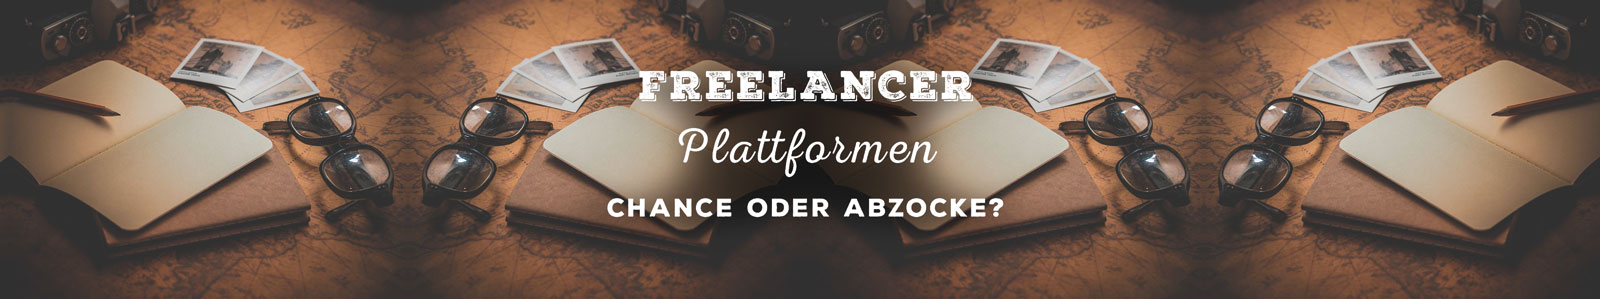 online Freelancer plattformen das titelbild